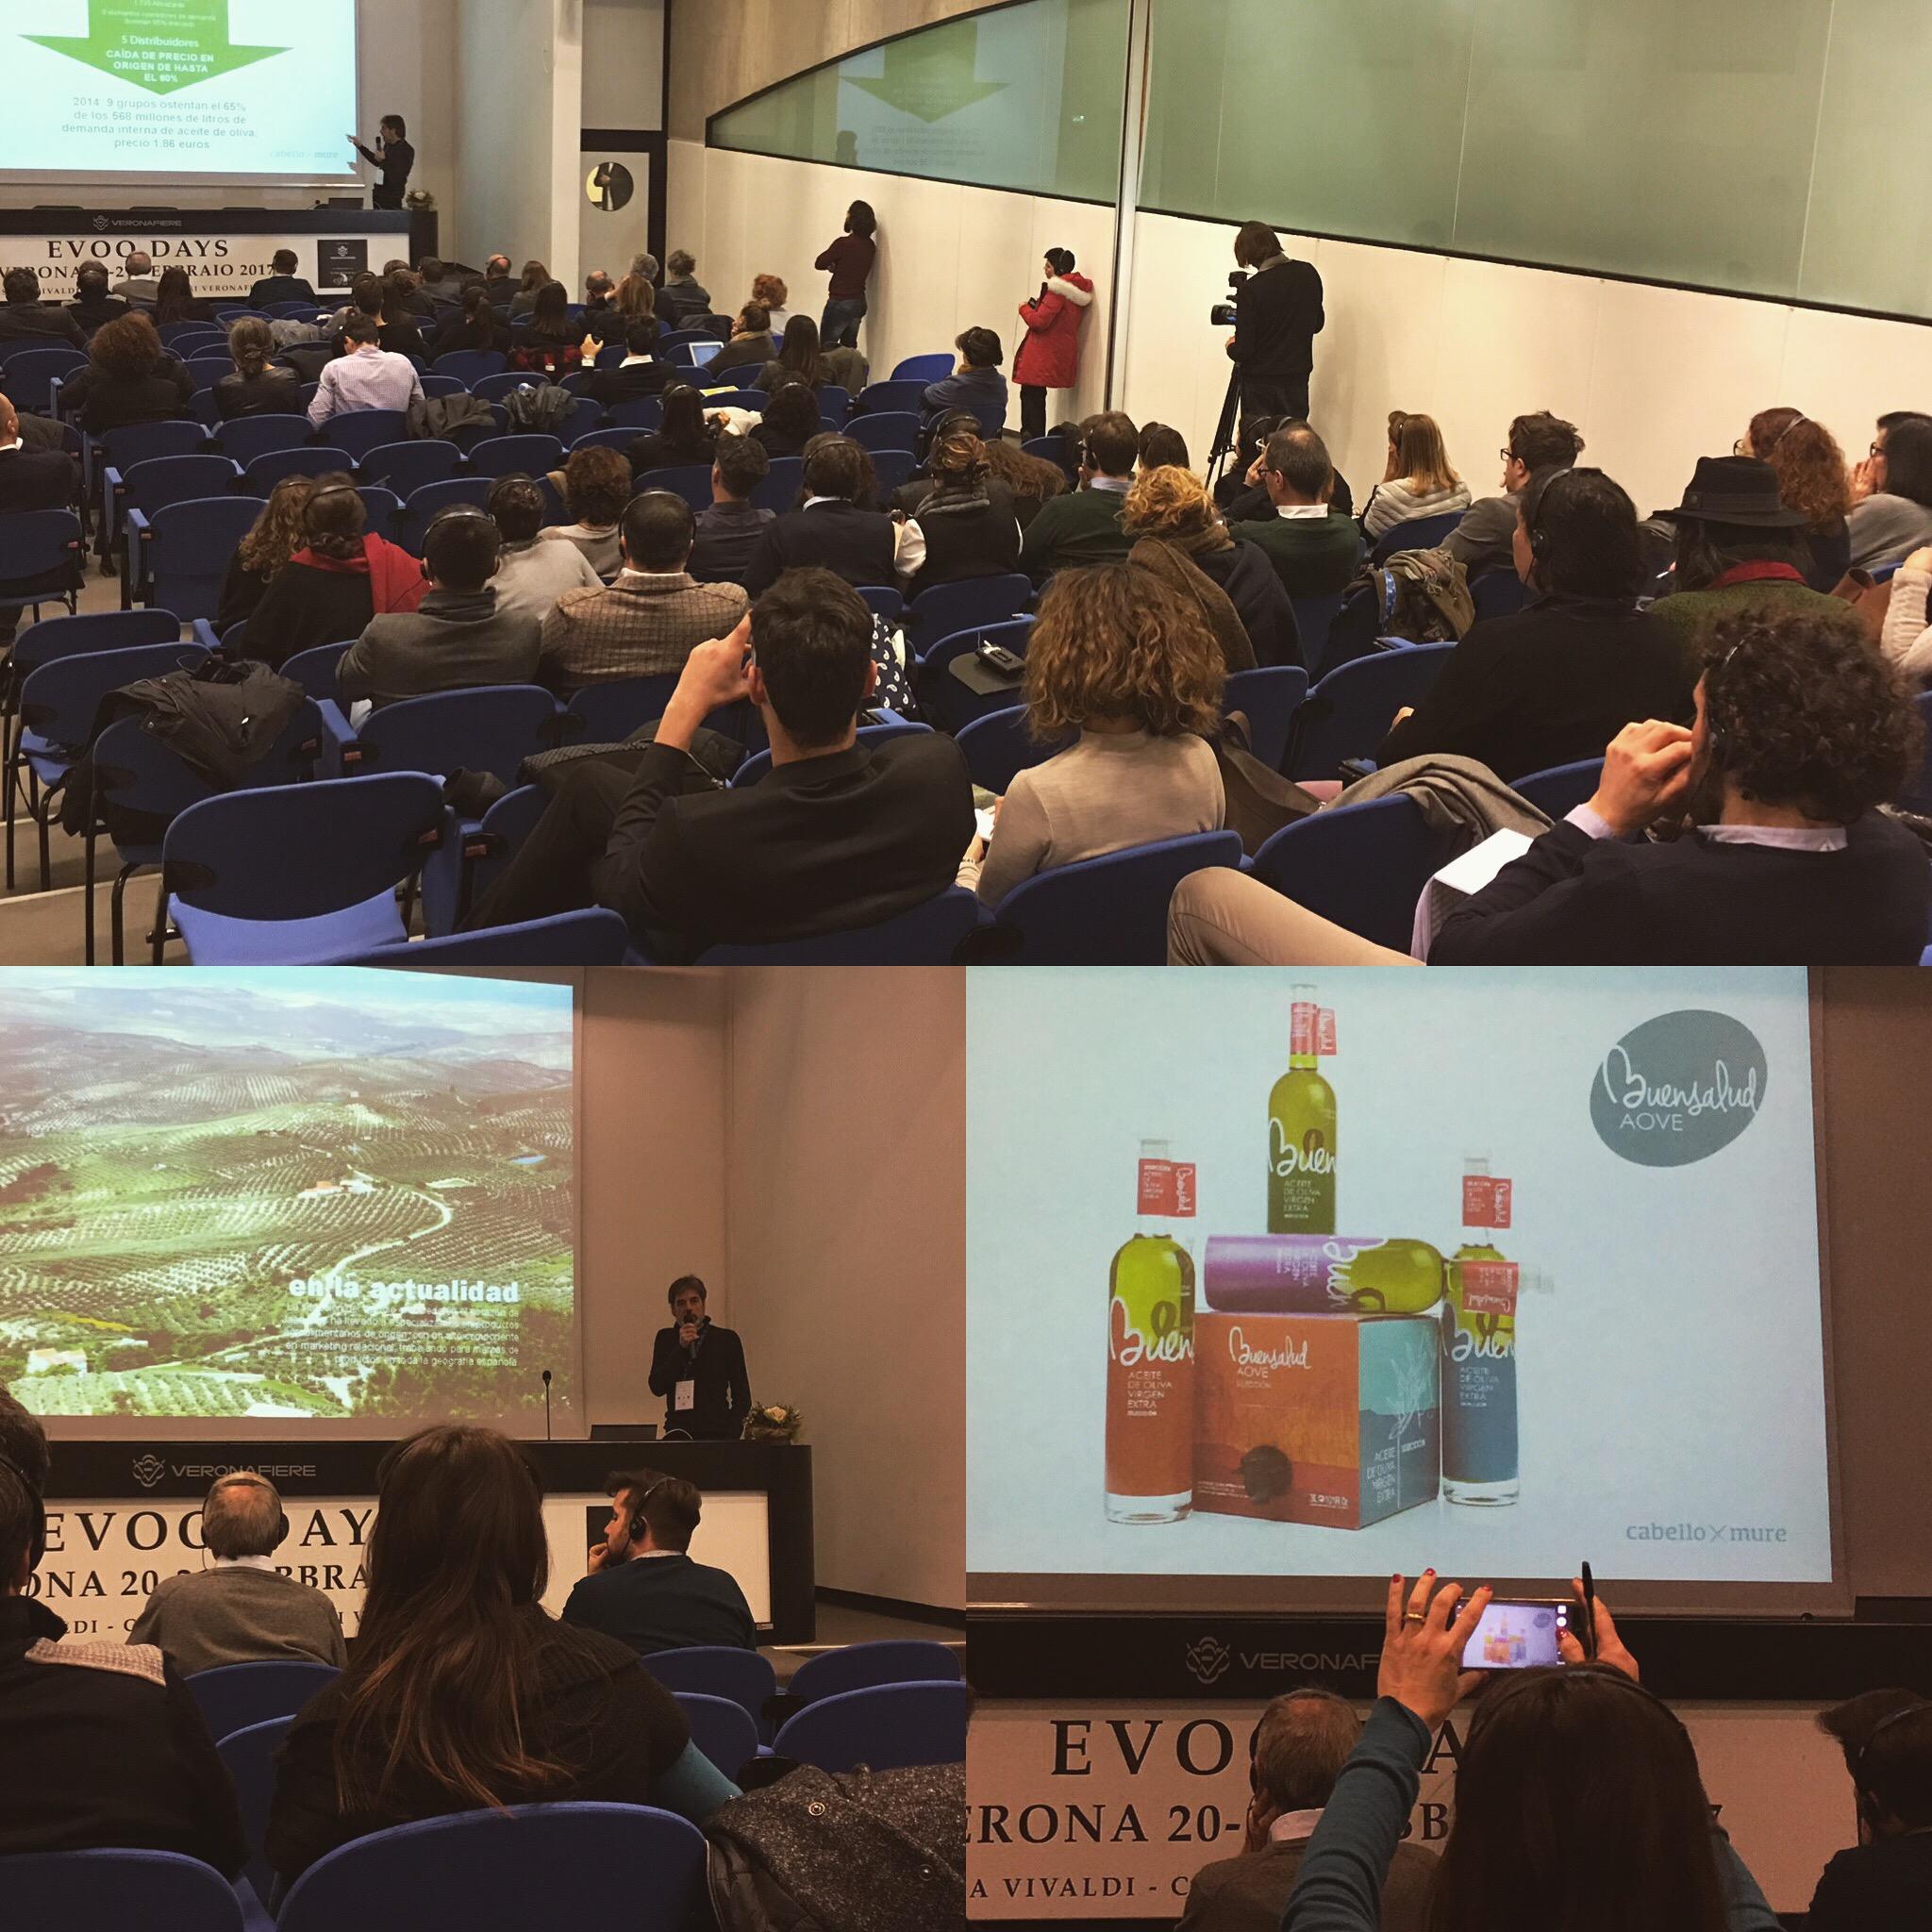 Participamos en Verona como ponentes en el Evoo Days organizado por Sol&Agrifood